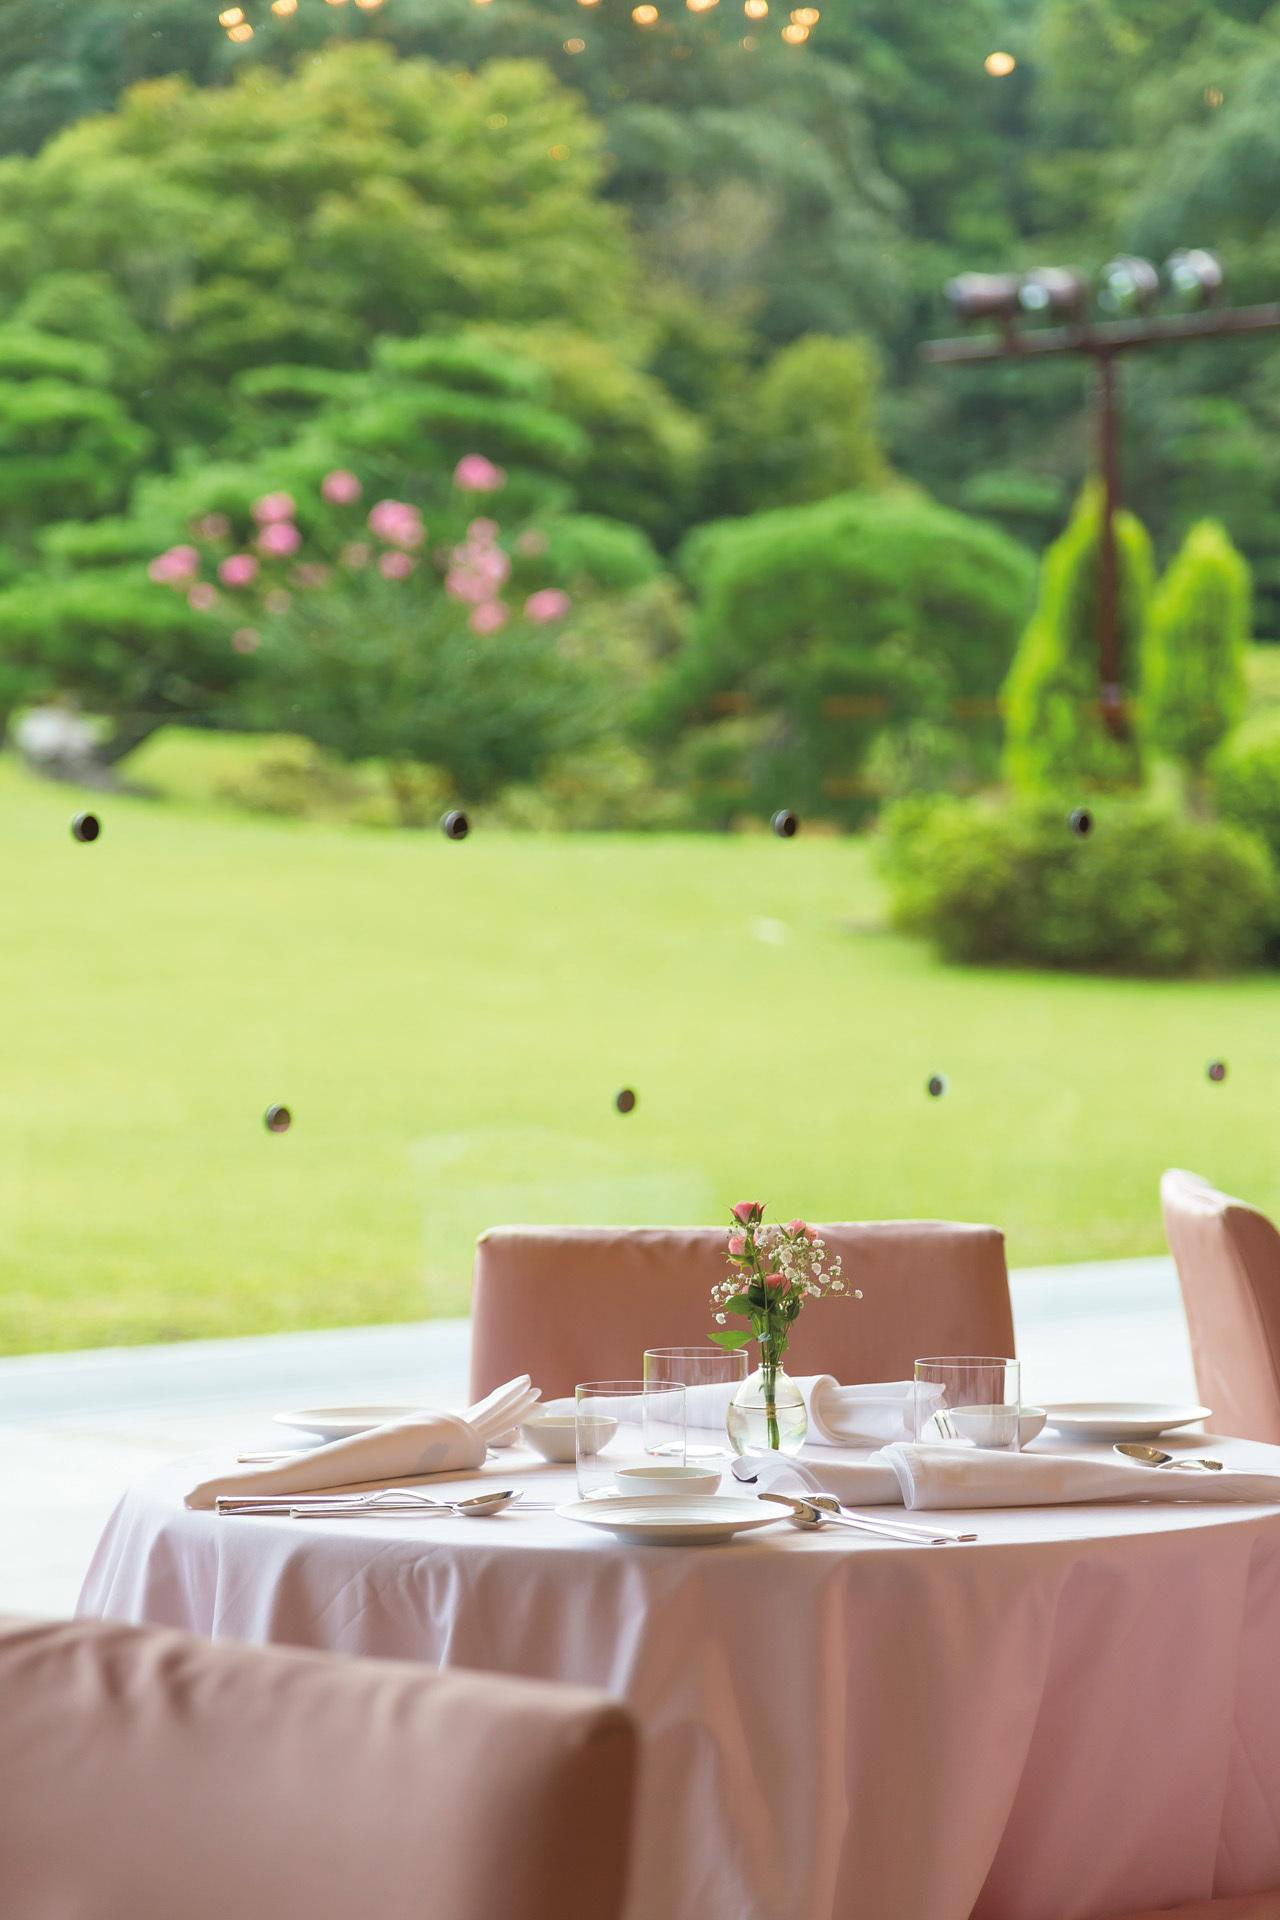 瀟洒(しょうしゃ)な空間、景観とともに楽しむ地場の食材凝縮のイタリアン リストランテ オルケストラータ_1_3